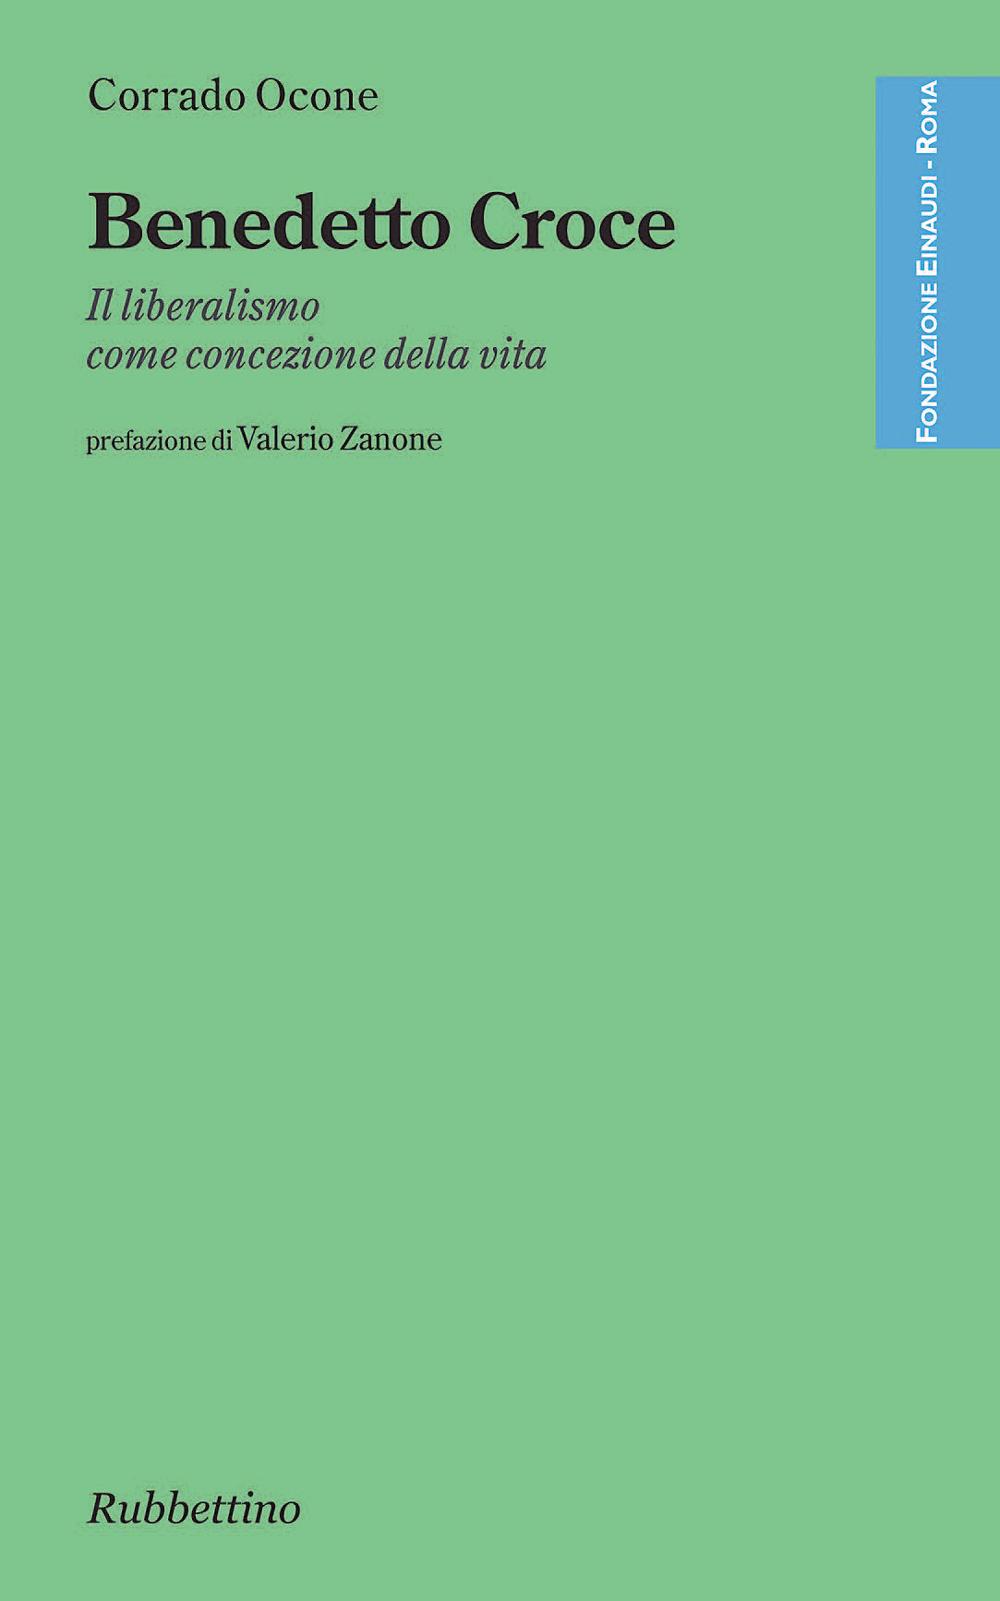 Benedetto Croce di Corrado Ocone